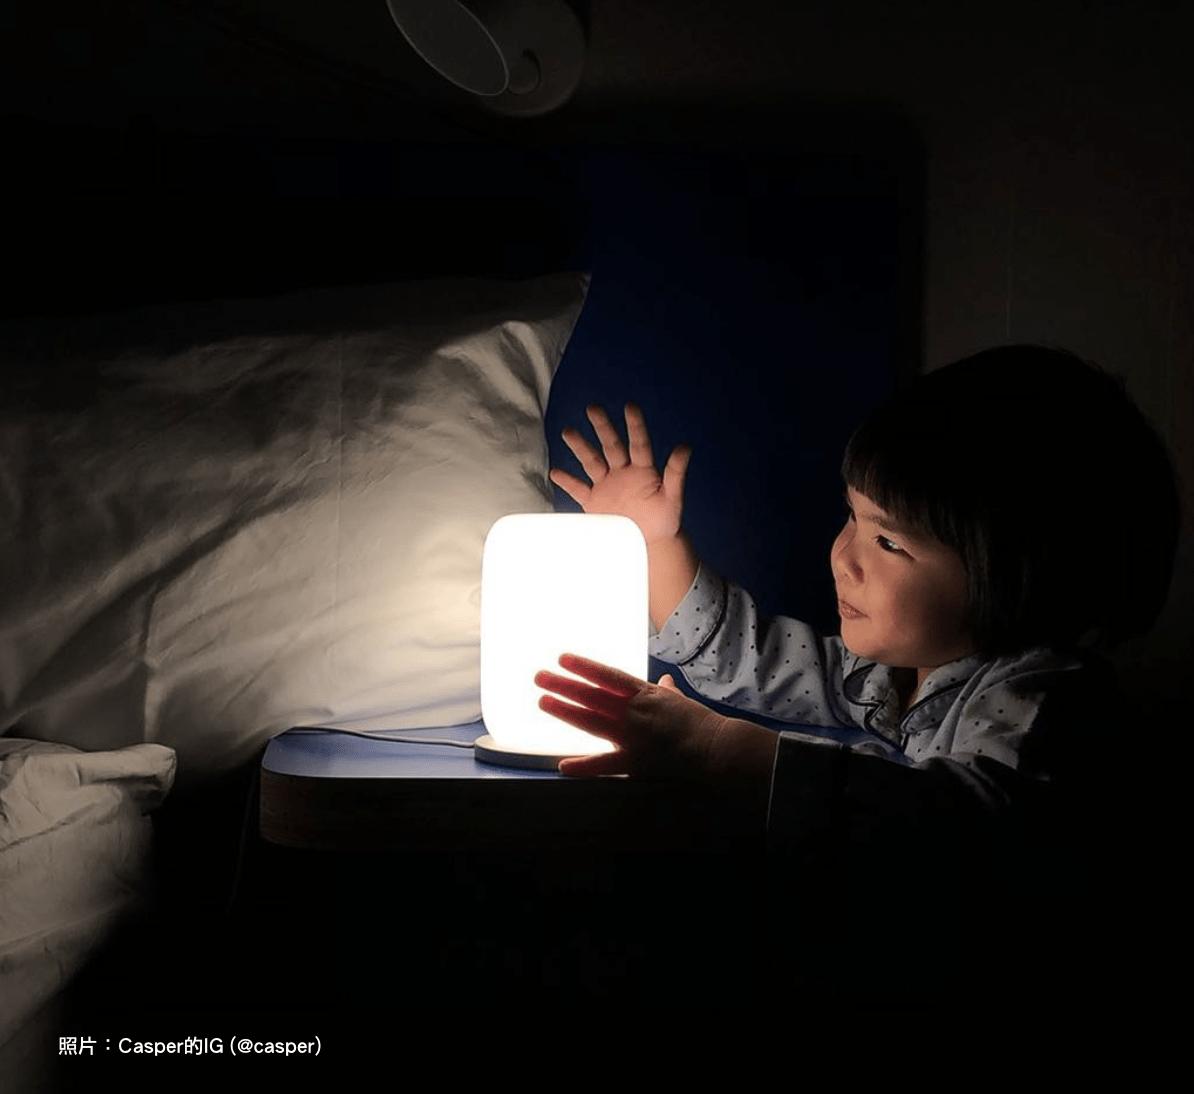 一盞智慧型夜燈、剛上市的Uber,和你我的工作,有什麼共同點?